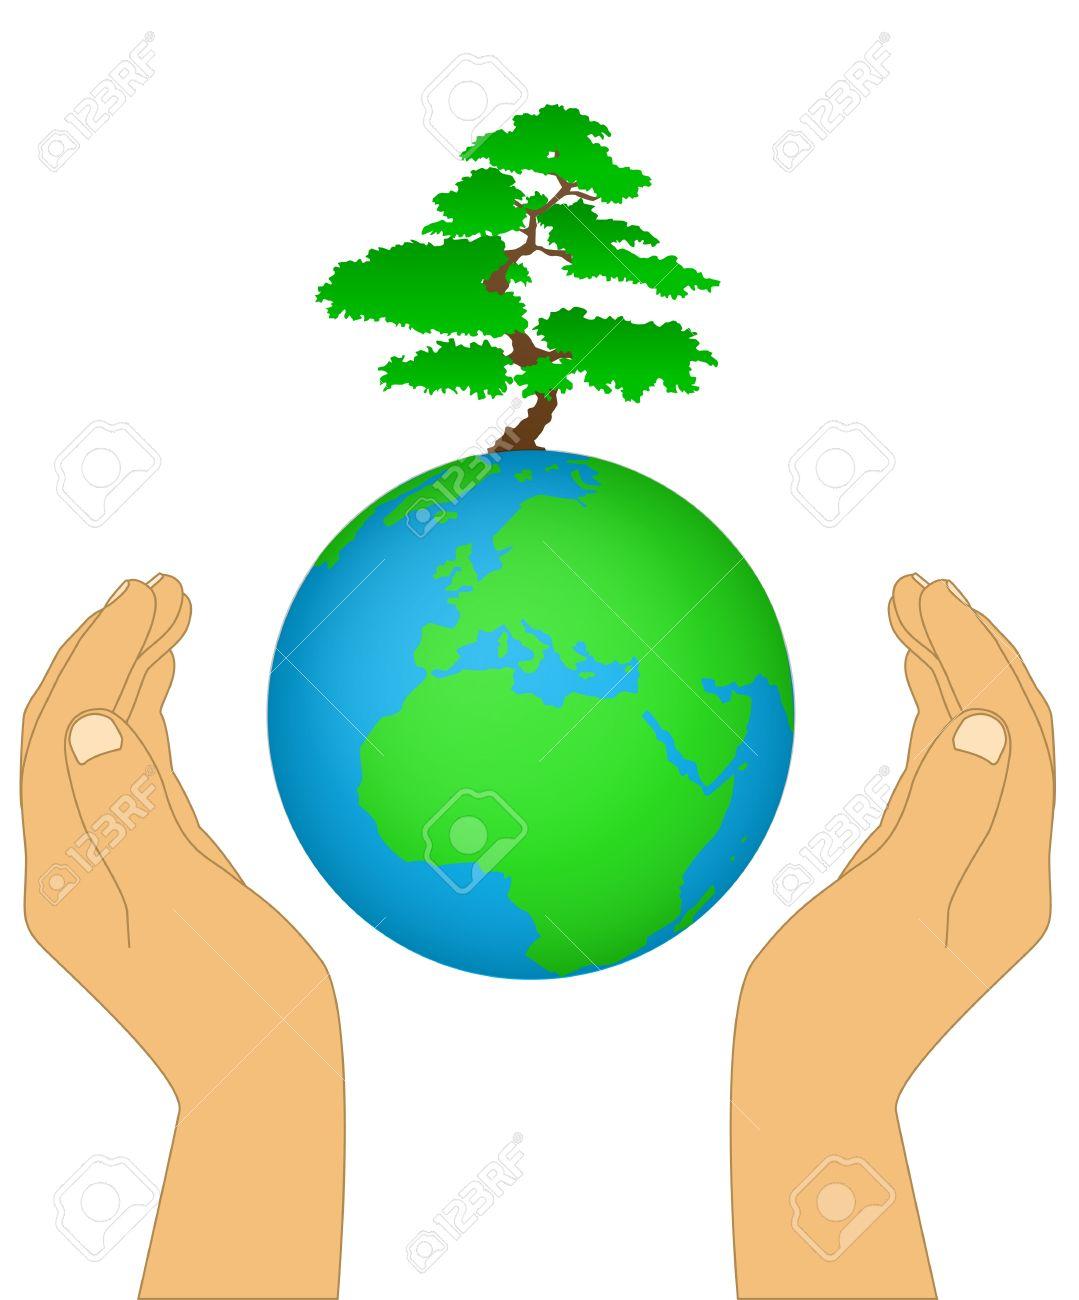 Нарисованная земля с руками